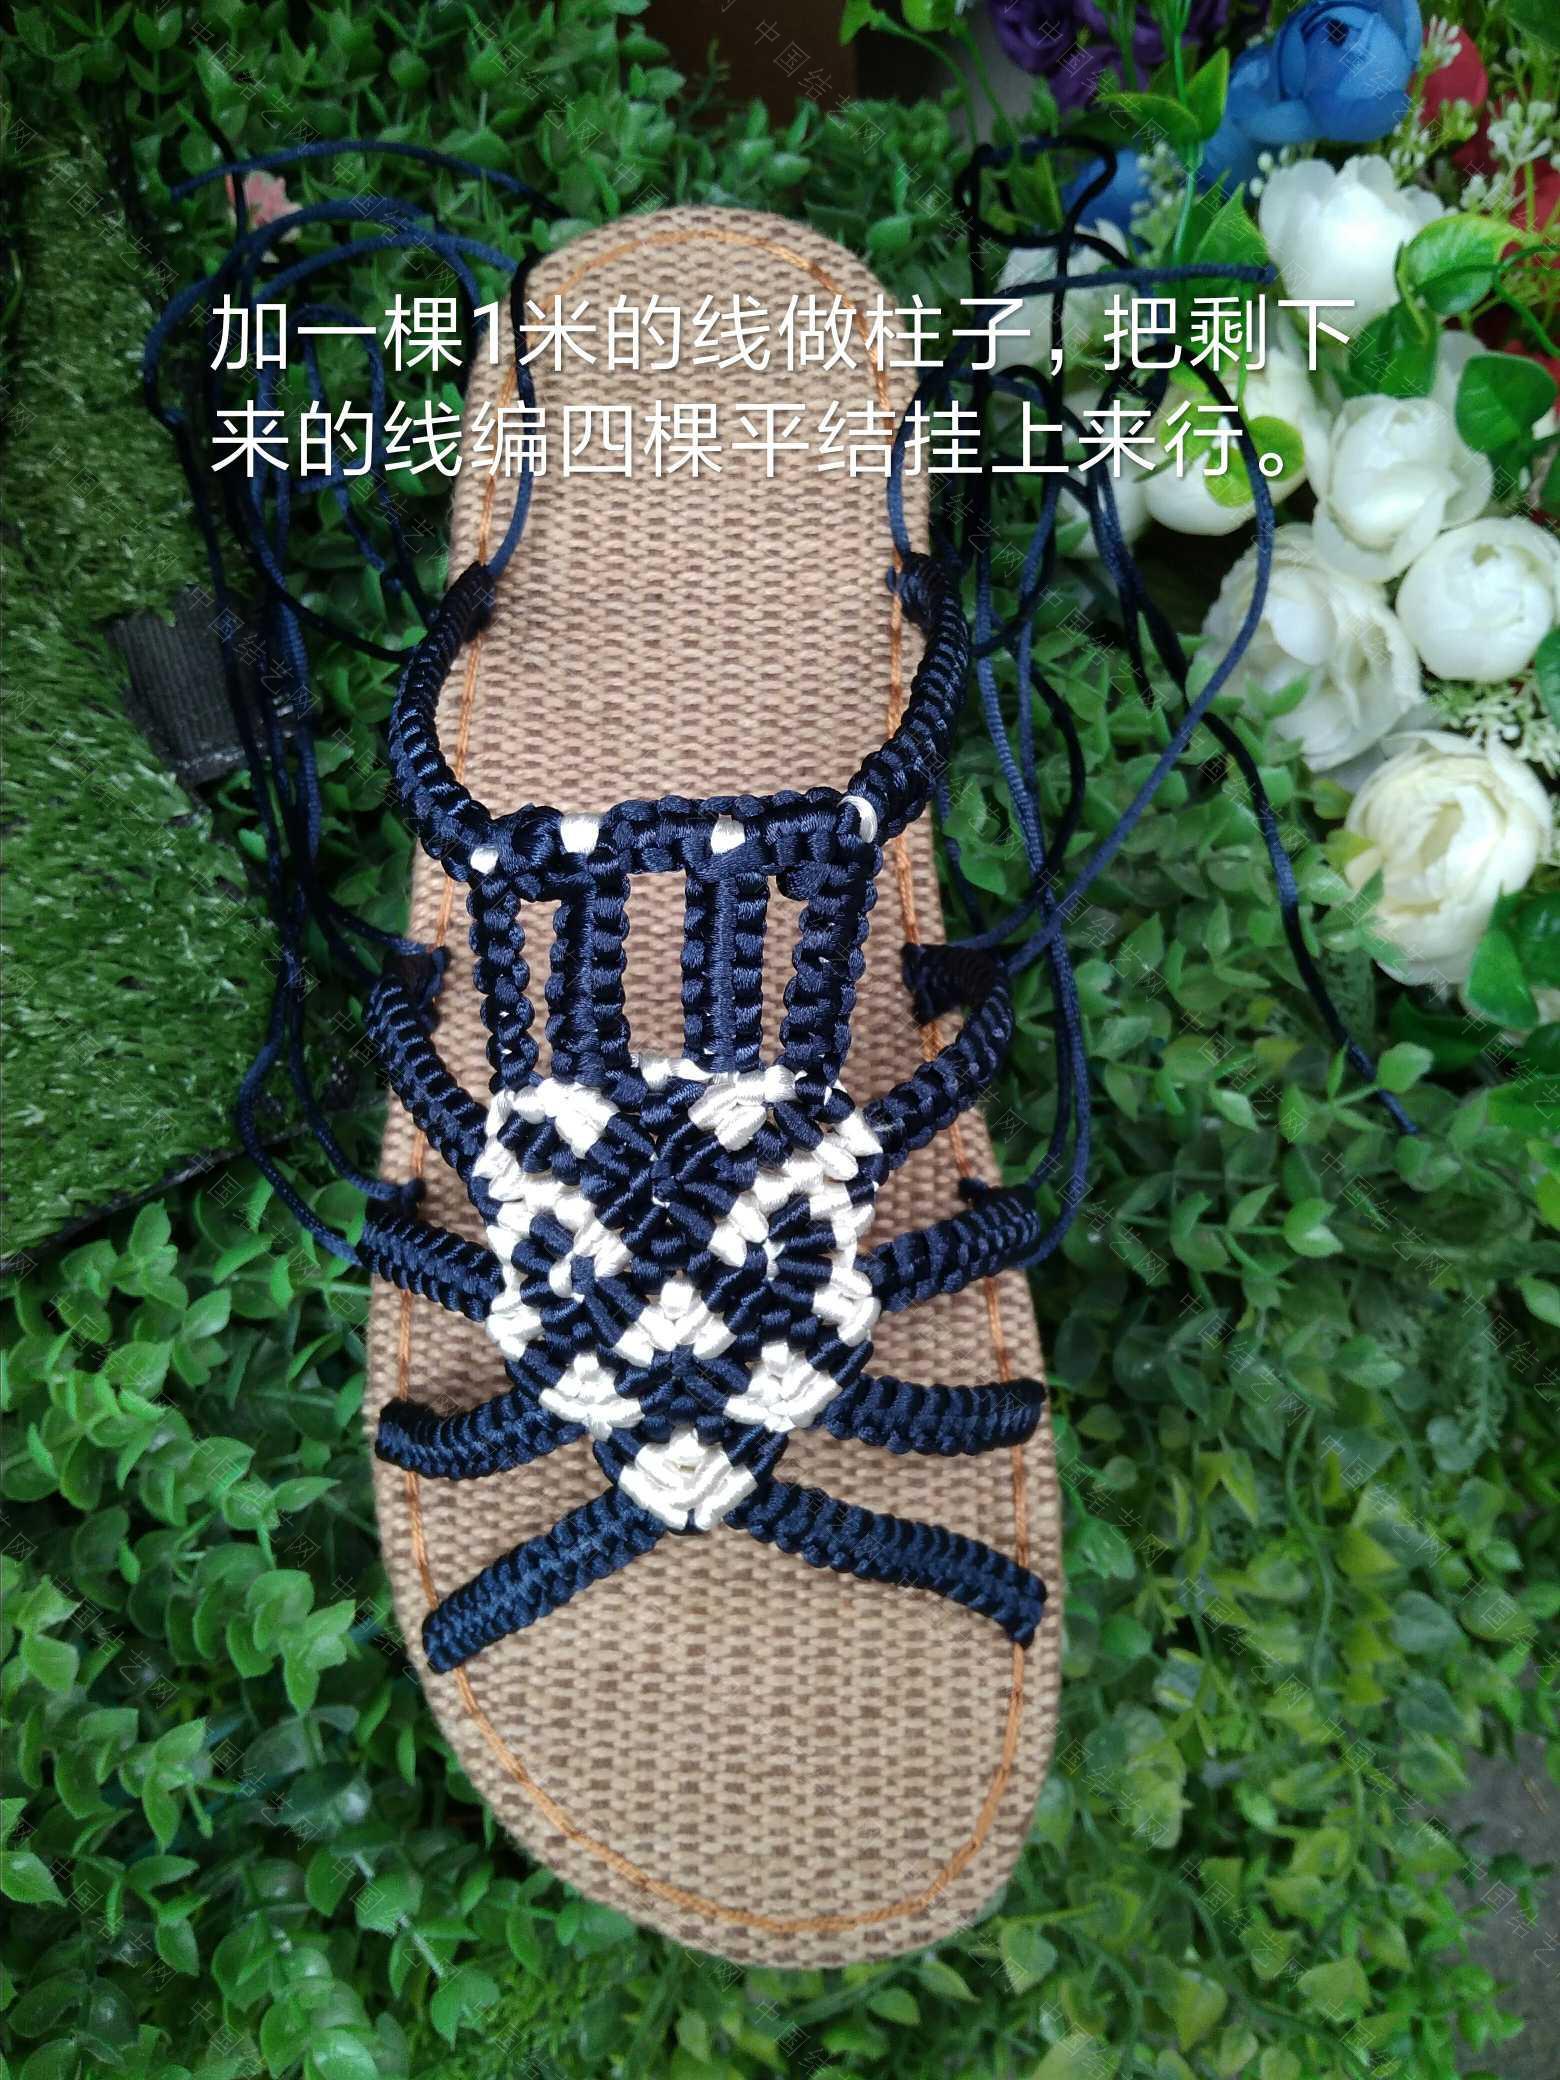 中国结论坛 手工艺术大世界,发个简单的男士拖鞋  图文教程区 234235in1zyp6h7hahnx7y